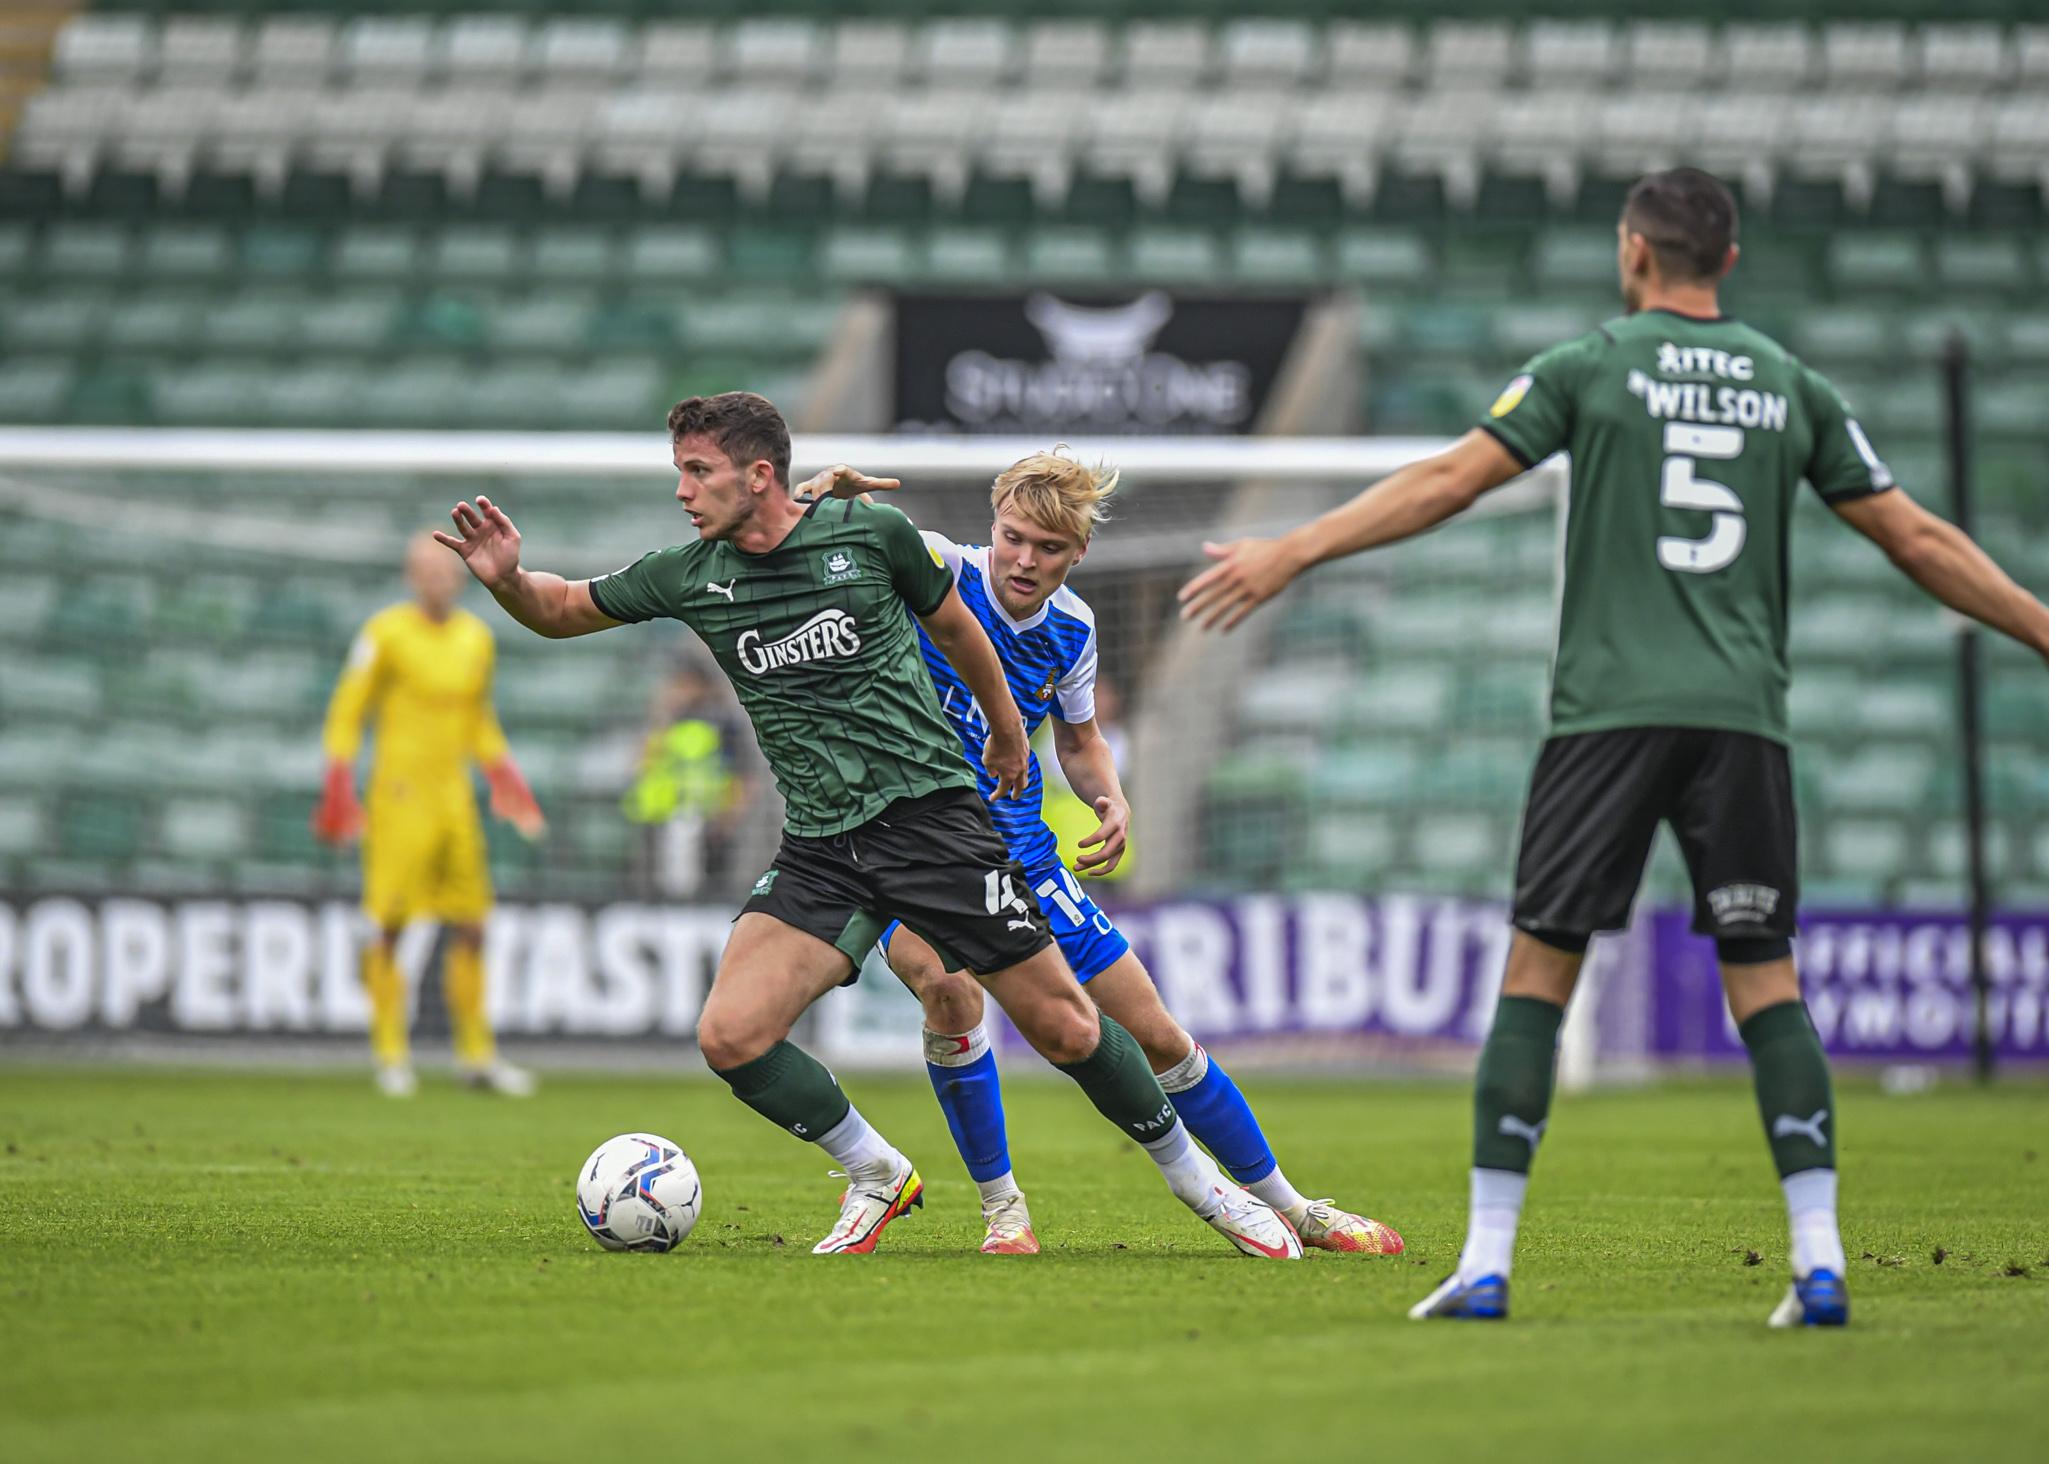 Jordan Houghton pulling the strings against Doncaster